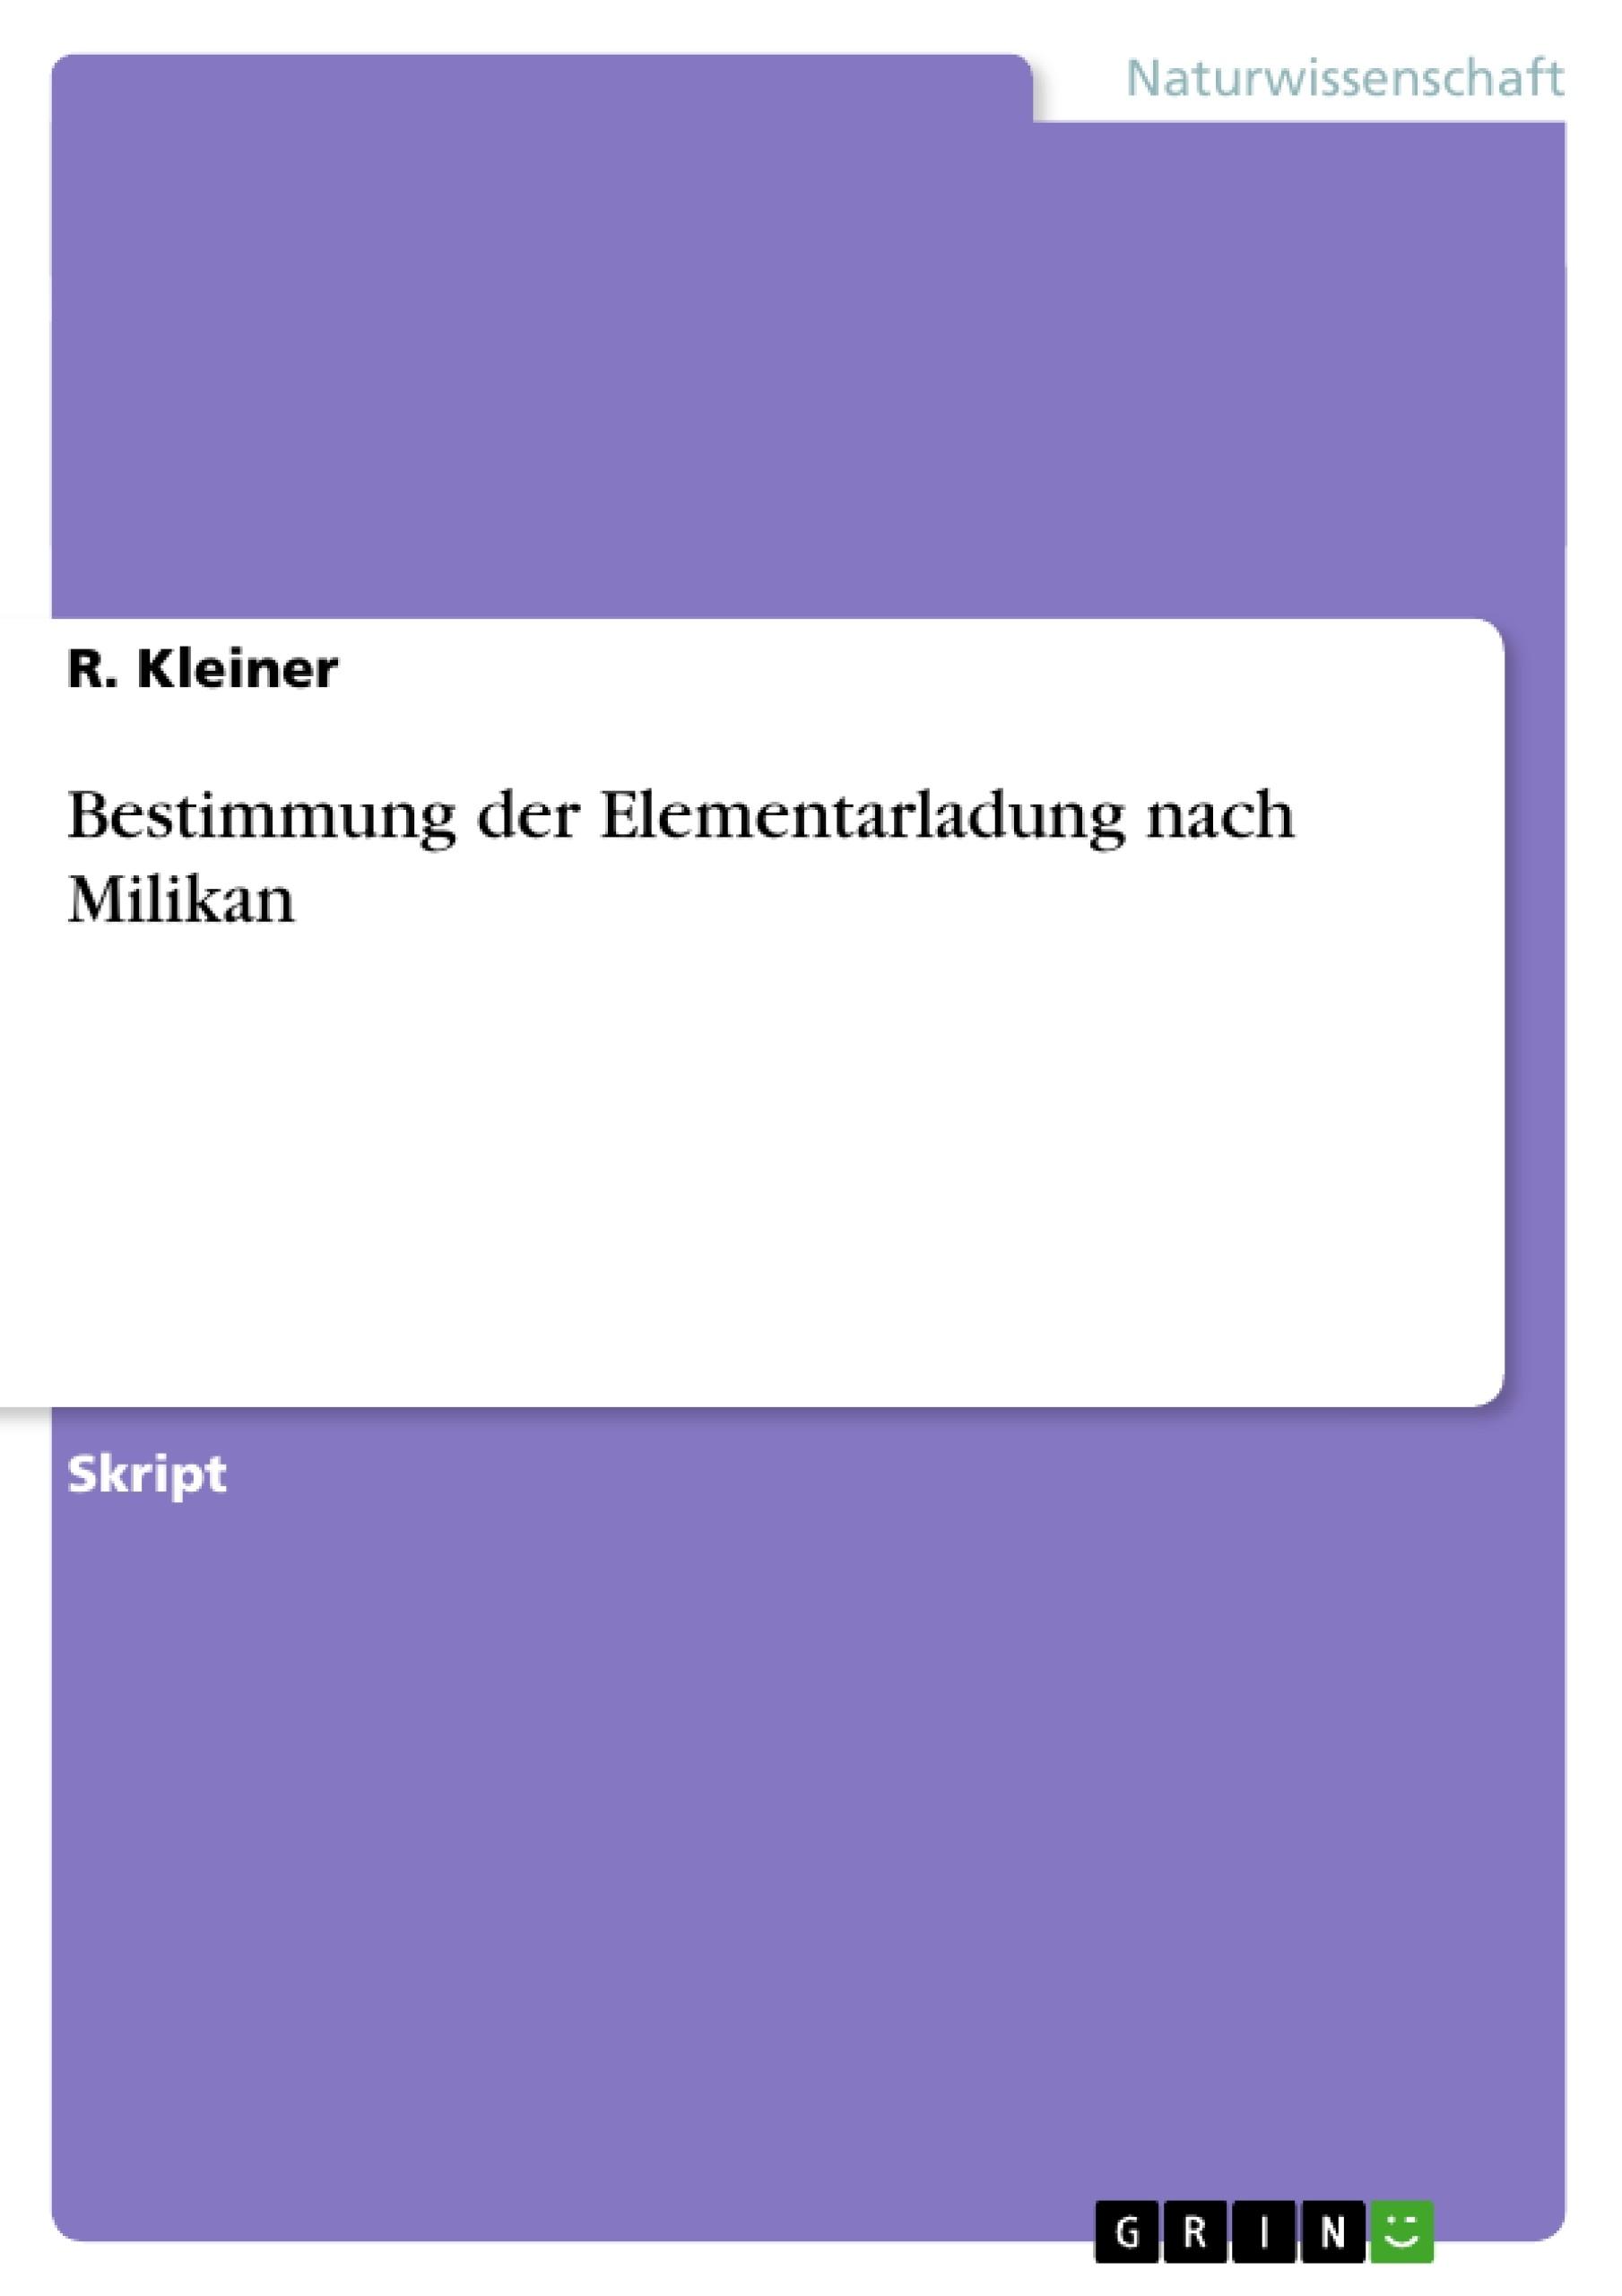 Titel: Bestimmung der Elementarladung nach Milikan